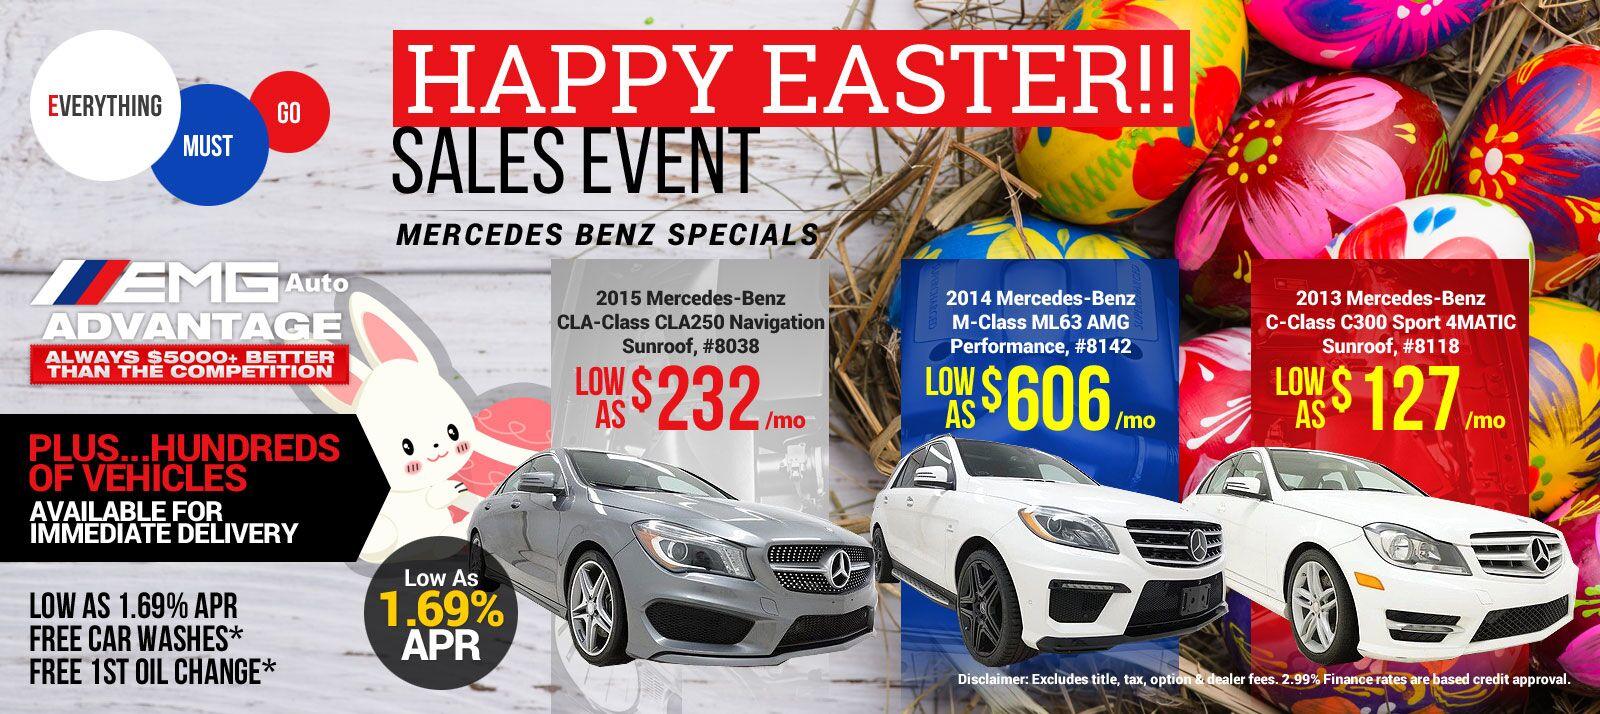 Dealership Avenel Nj Used Cars Emg Auto Sales